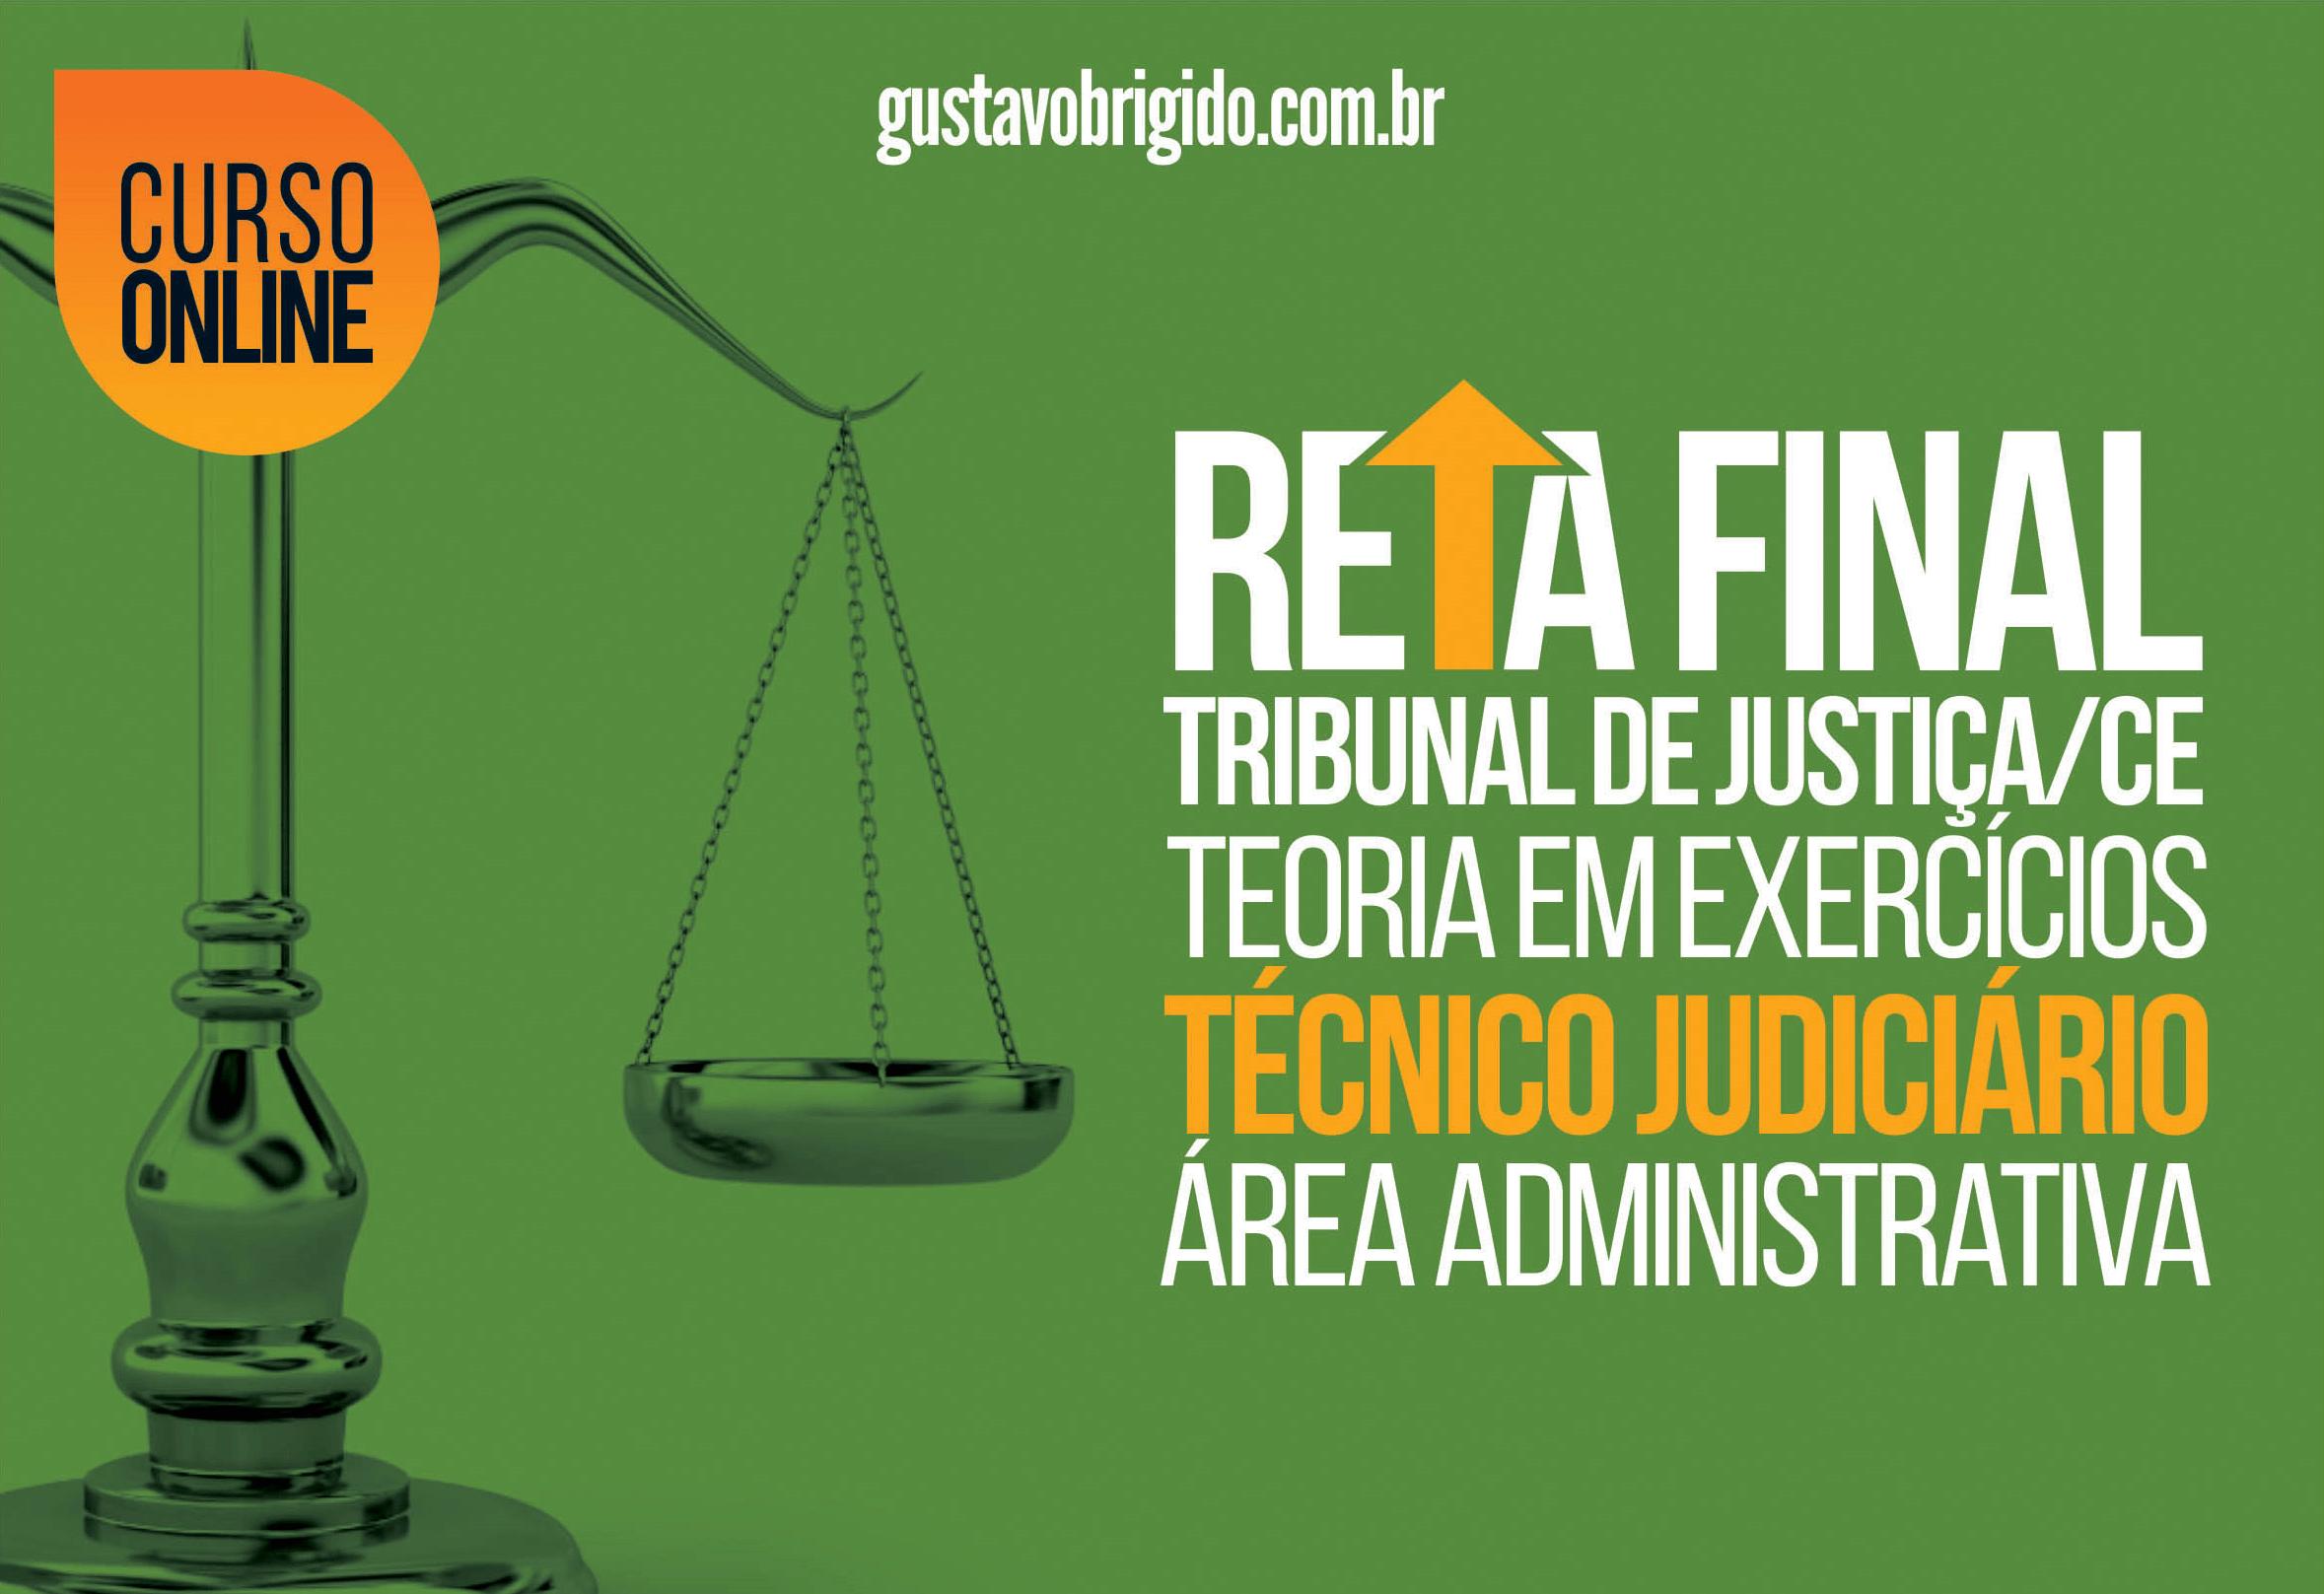 Reta Final TJ·CE - Técnico Judiciário - Área Administrativa